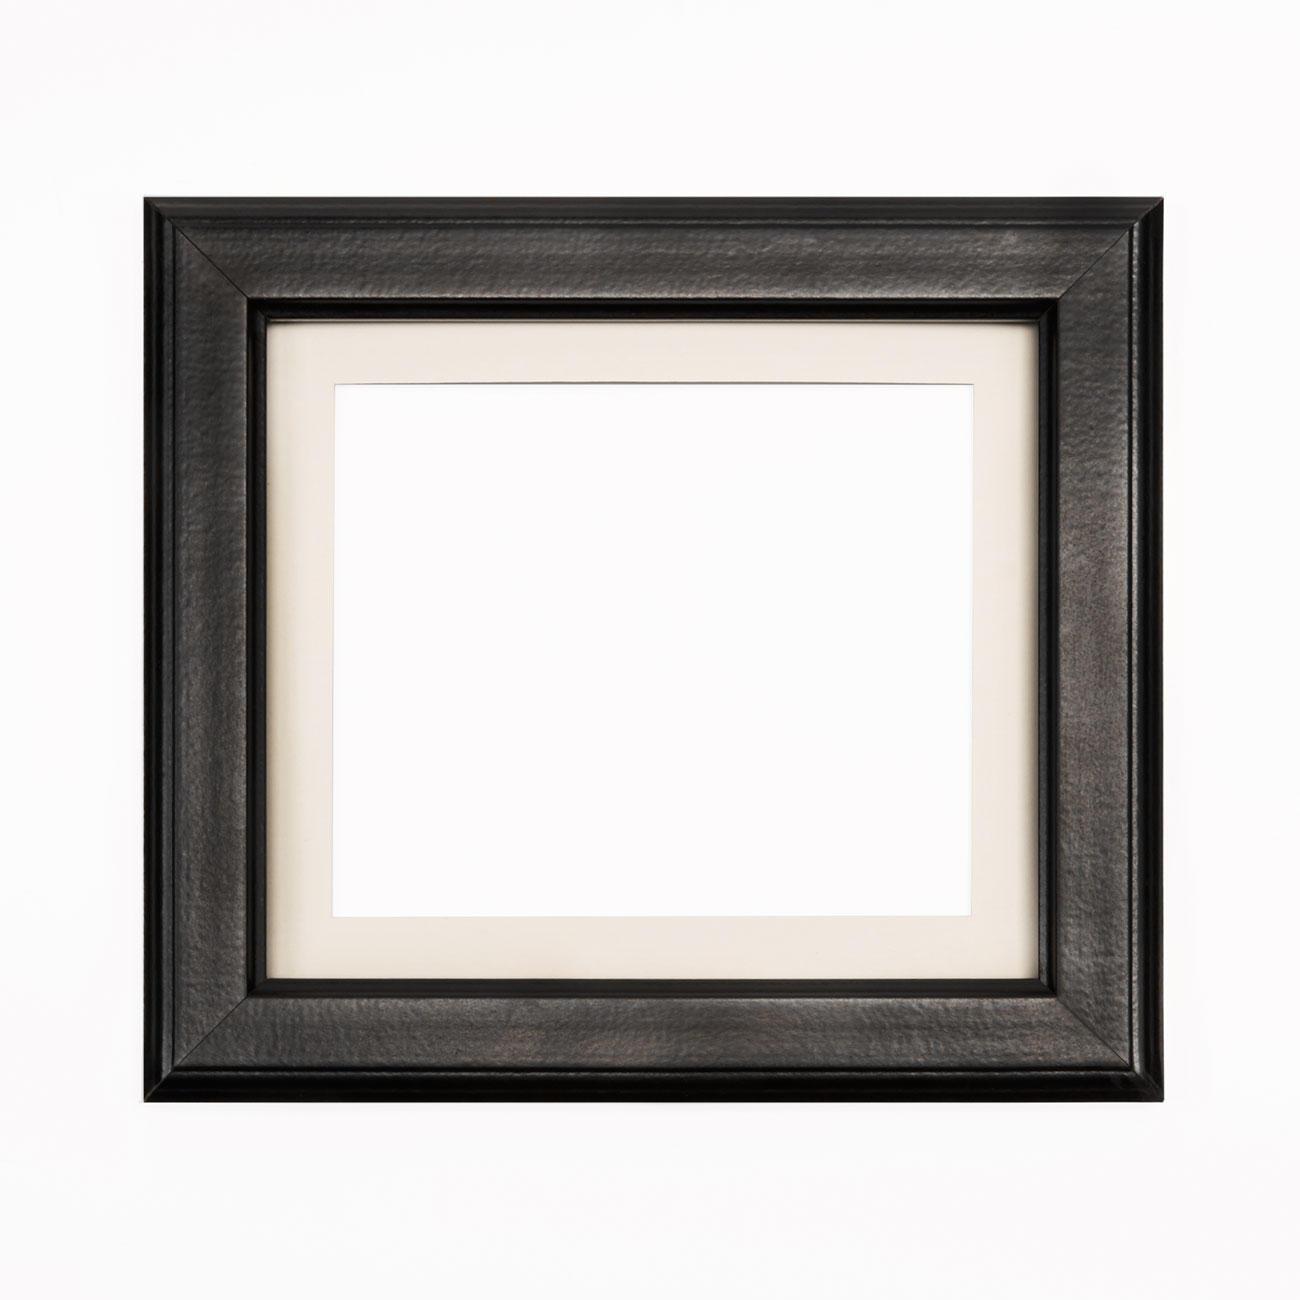 bilderrahmen schwarz mit passepartout ausschnitt 15 x 18 cm. Black Bedroom Furniture Sets. Home Design Ideas